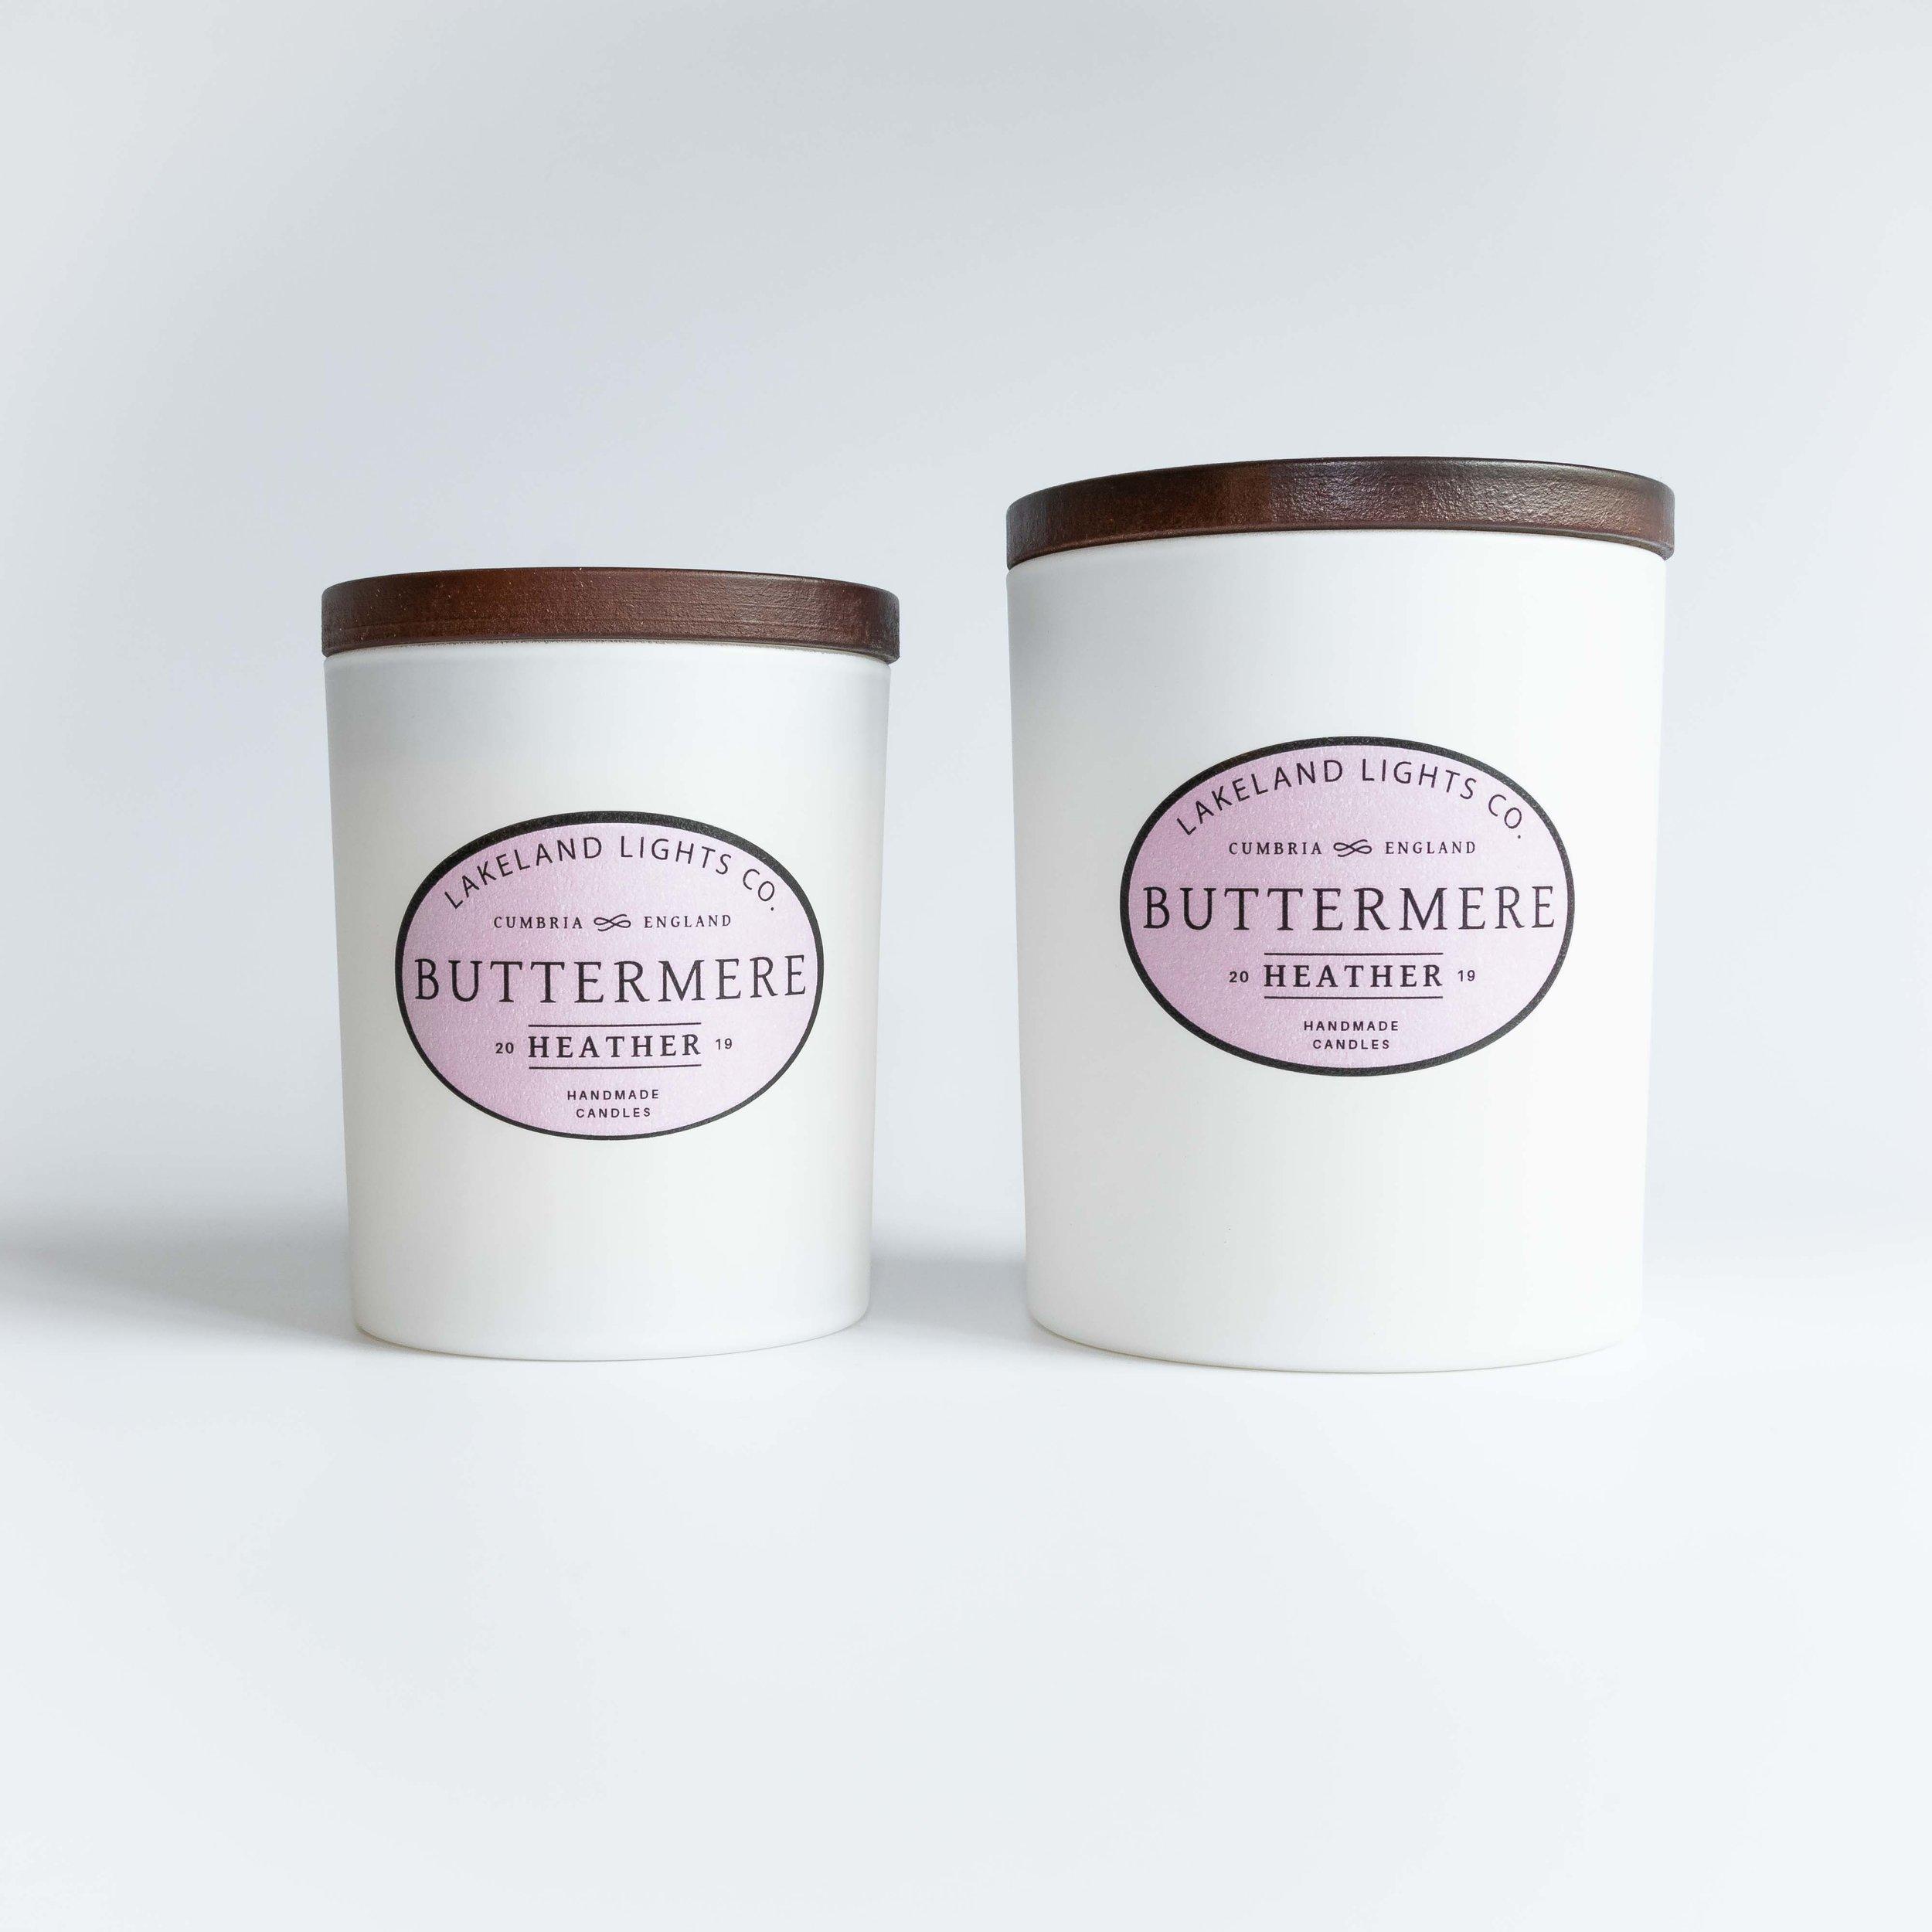 Buttermere 20 30.jpg